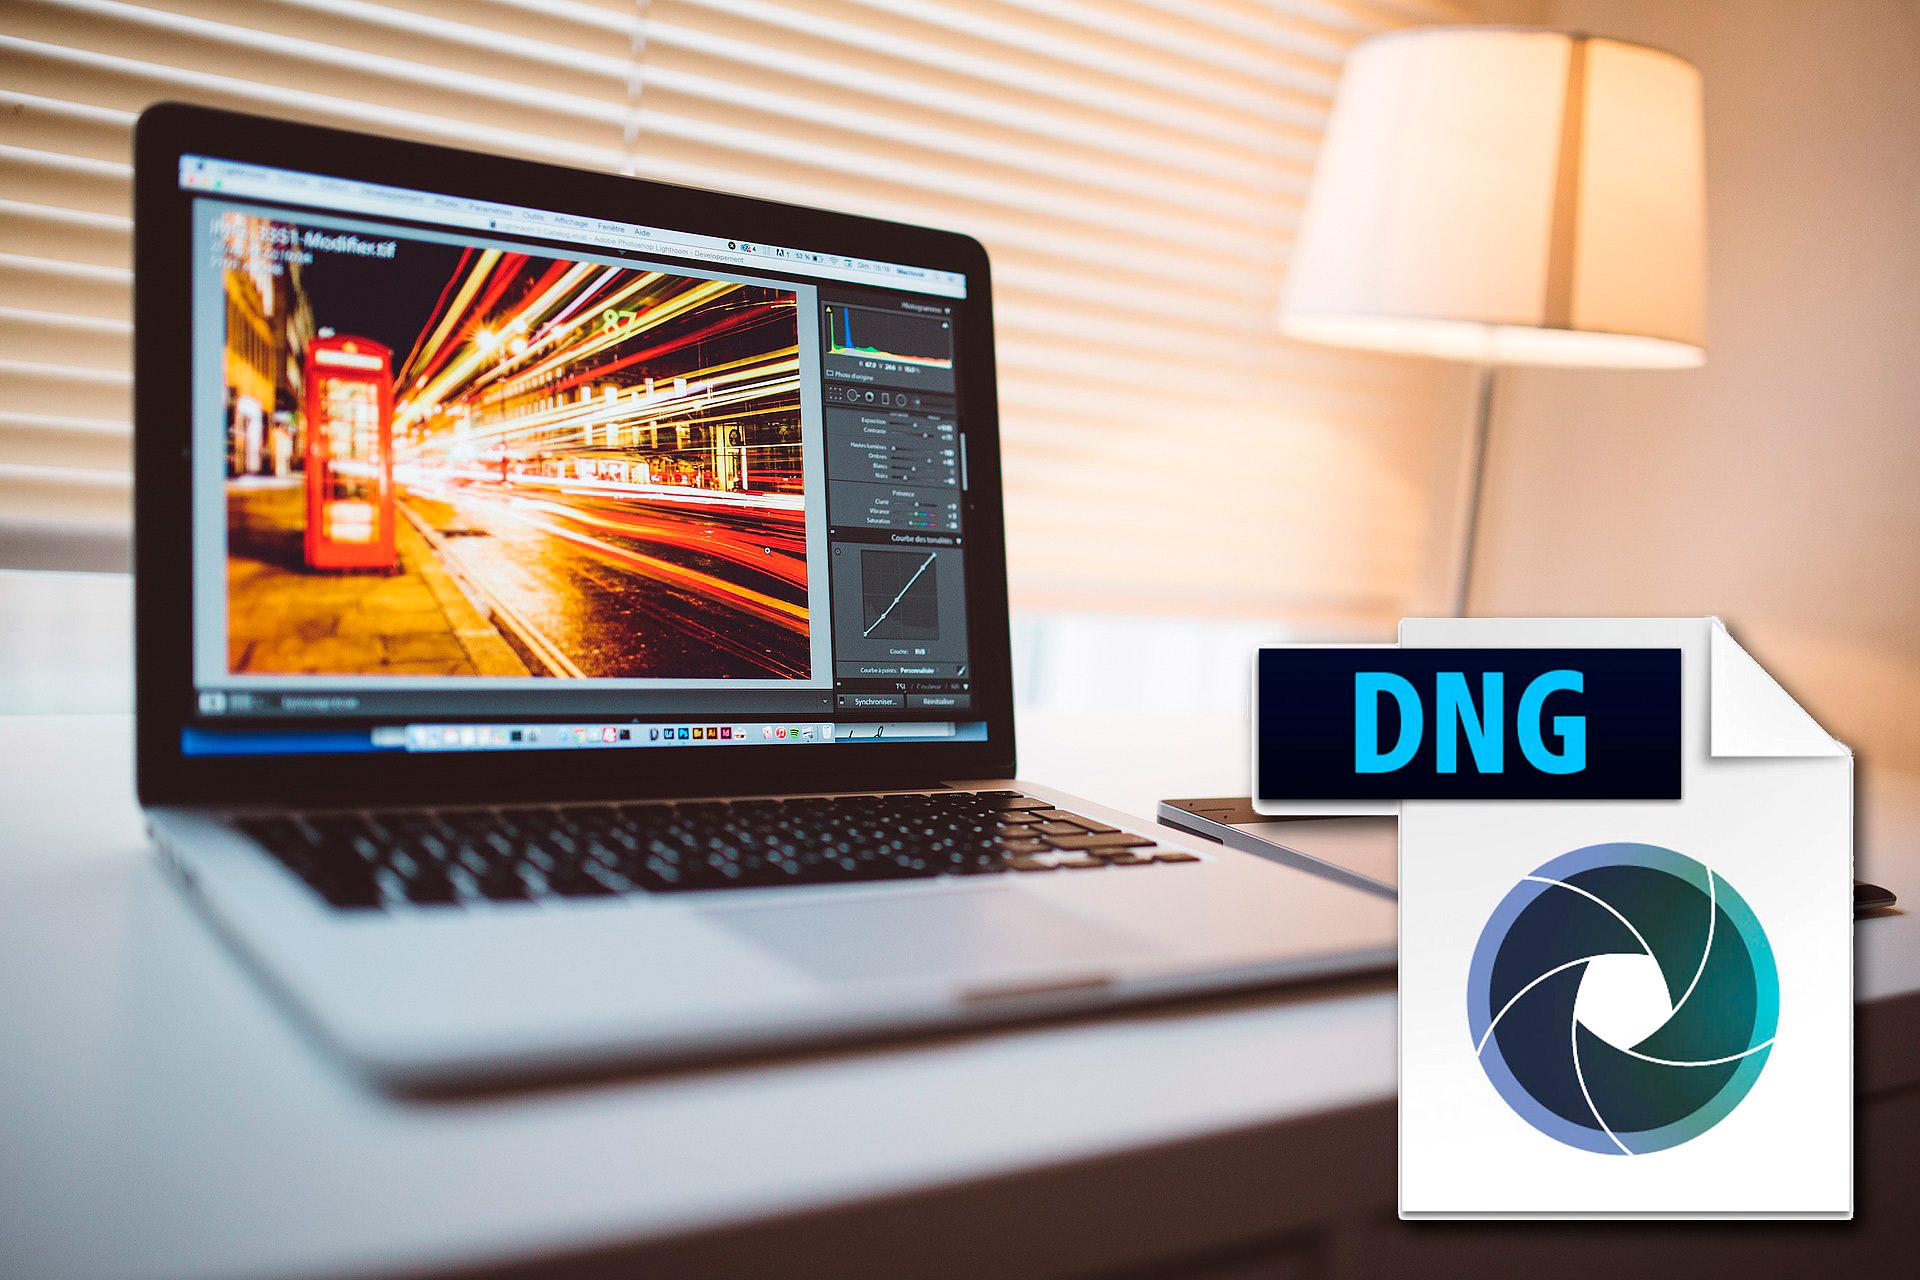 Adobe DNG: Ventajas, Inconvenientes y Mitos y Leyendas